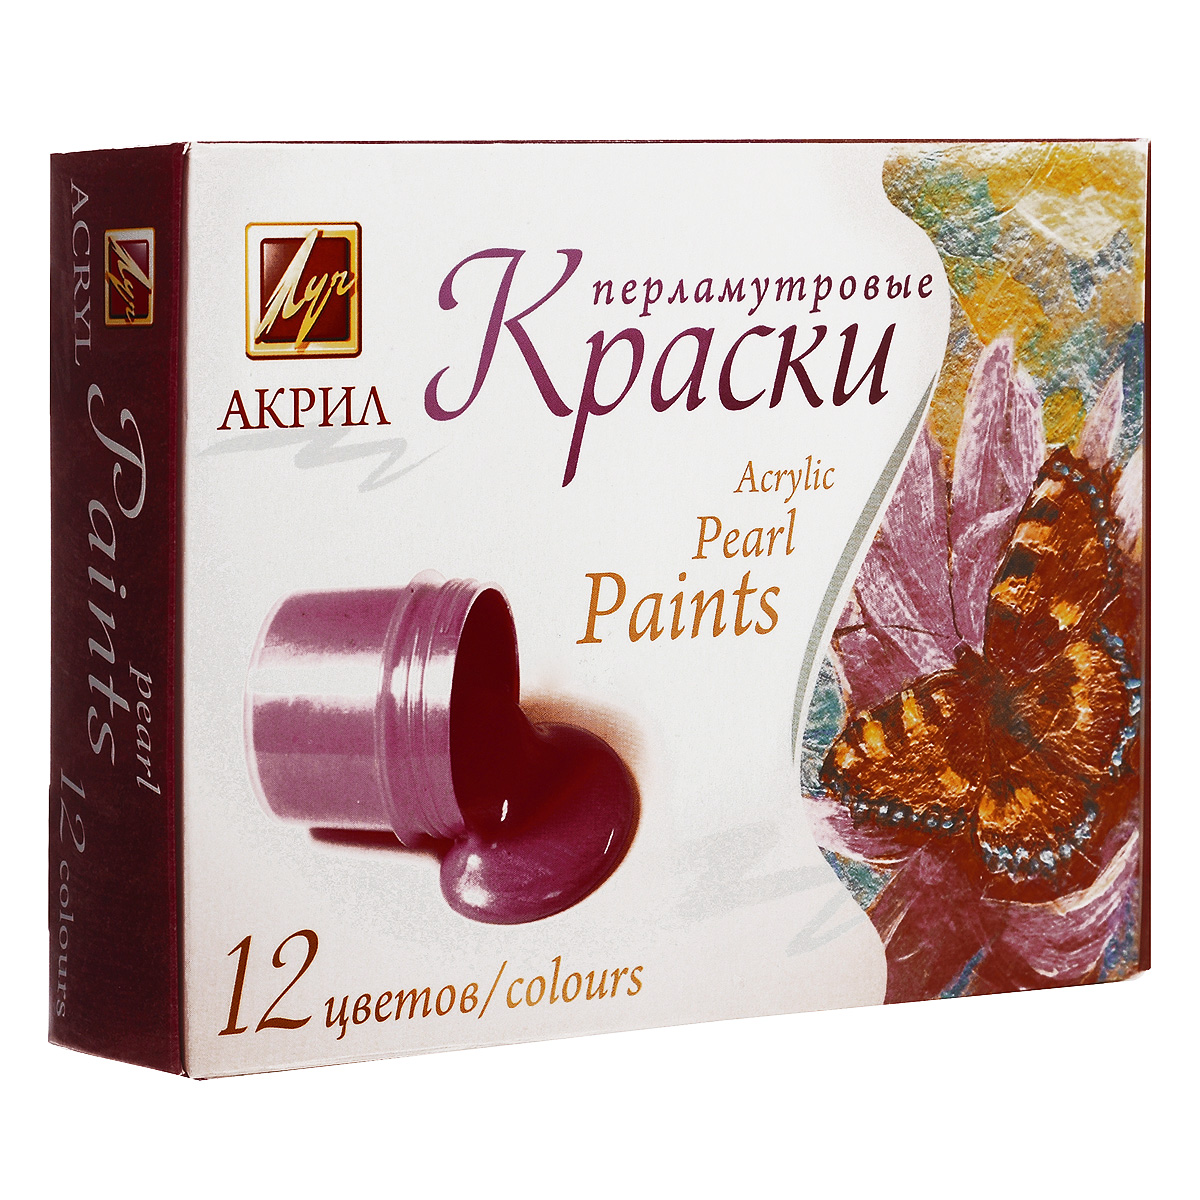 Краски акриловые Луч, перламутровые, 15 мл, 12 цветов22С 1412-08Акриловые краски Луч - универсальный материал для творчества. Акриловые краски, как и акварельные, легко разбавляются водой, но после высыхания их уже нельзя размочить, и в этом акрилы сходны с темперой. В комплекте - 12 баночек с перламутровой краской разных ярких цветов. Будучи прозрачными, акриловые краски хорошо сочетаются с акварелью и накладываются поверх акварельных мазков, усиливая их насыщенность, сообщая им глубину тона. Акриловые краски обладают значительно большей яркостью и высокой светостойкостью, но темнеют, подобно темпере, после высыхания. Новые лессировки также не нарушают нижние слои краски. В этом состоит бесспорное преимущество акриловых красителей. Акриловые краски применяются в дизайн-графике, рекламе, оформительском искусстве. Их можно наносить аэрографом, использовать резервирование специальными составами, сочетая с техникой работы по сырому, подобно акварельной. Акриловые краски обладают следующими свойствами: - быстросохнущие; - обладают отличной адгезией (сцепляемость с поверхностью); - превосходная кроющая способность; - равномерно наносятся; - хорошая светостойкость; - прекрасно смешиваются между собой; - после высыхания образуют несмываемую пленку; - красочный слой эластичен, прочен и долговечен.Объем баночки: 15 мл.